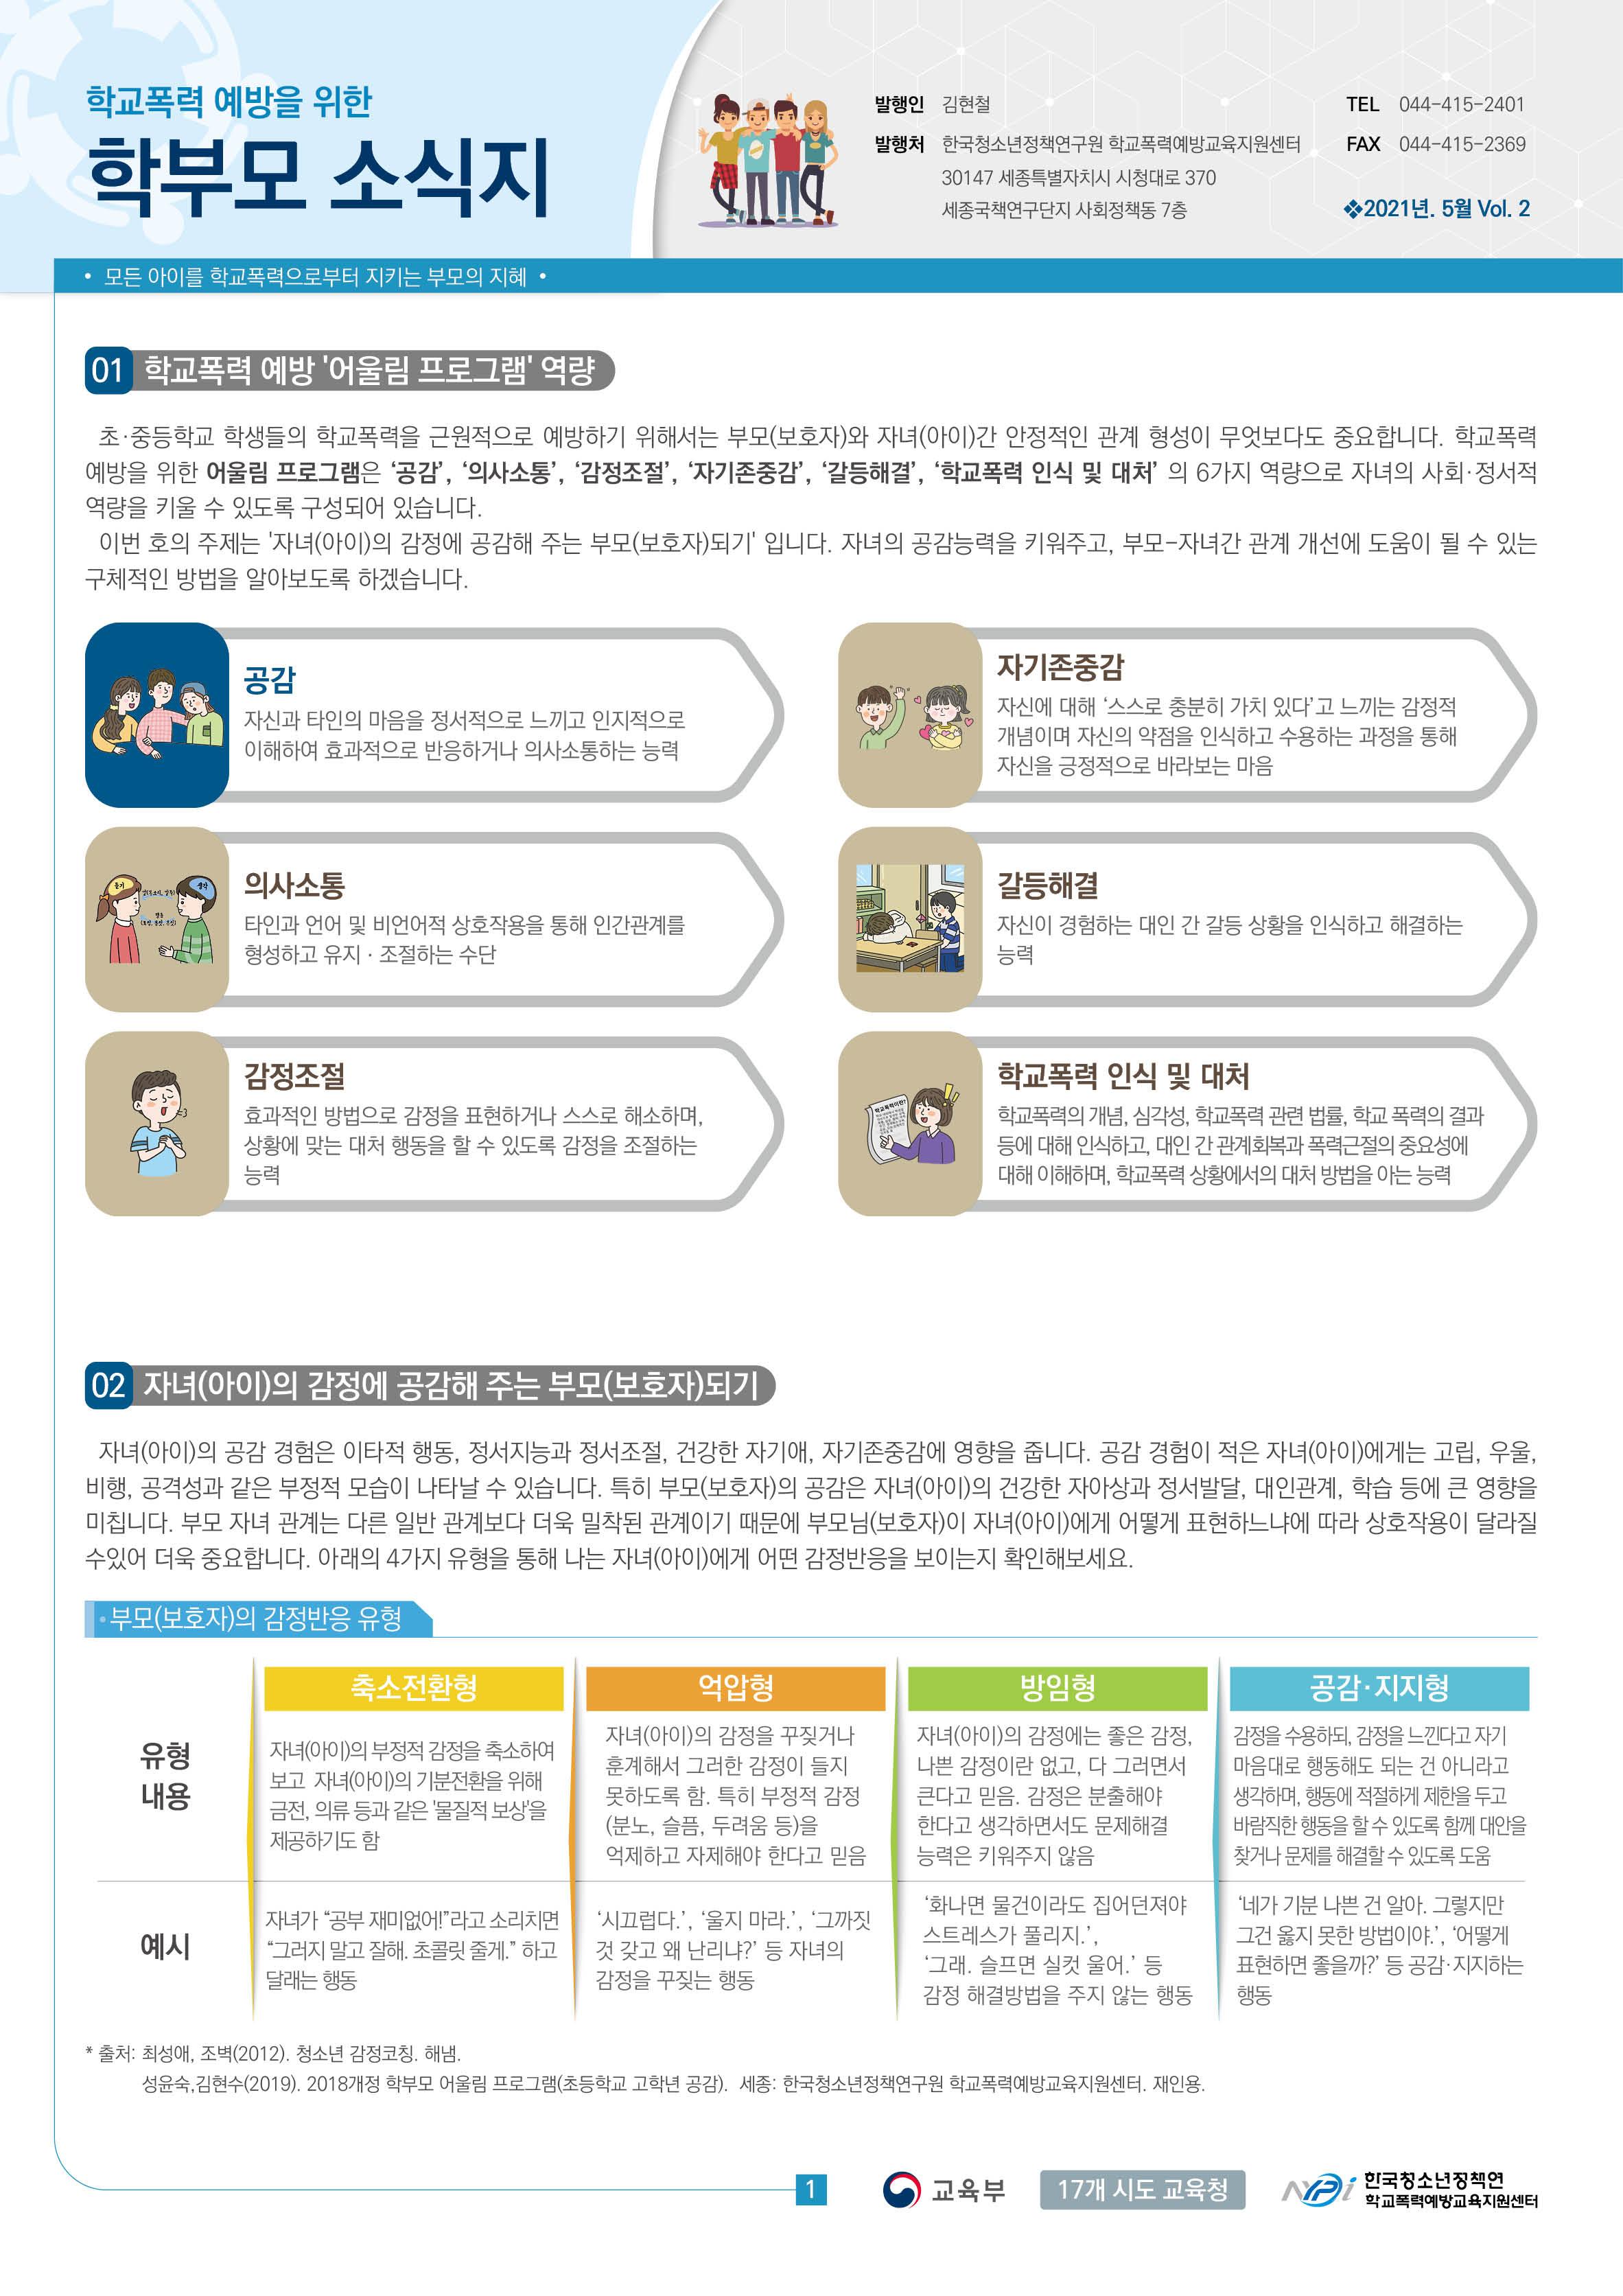 충청북도교육청 학교자치과_소식지vol.2(1)